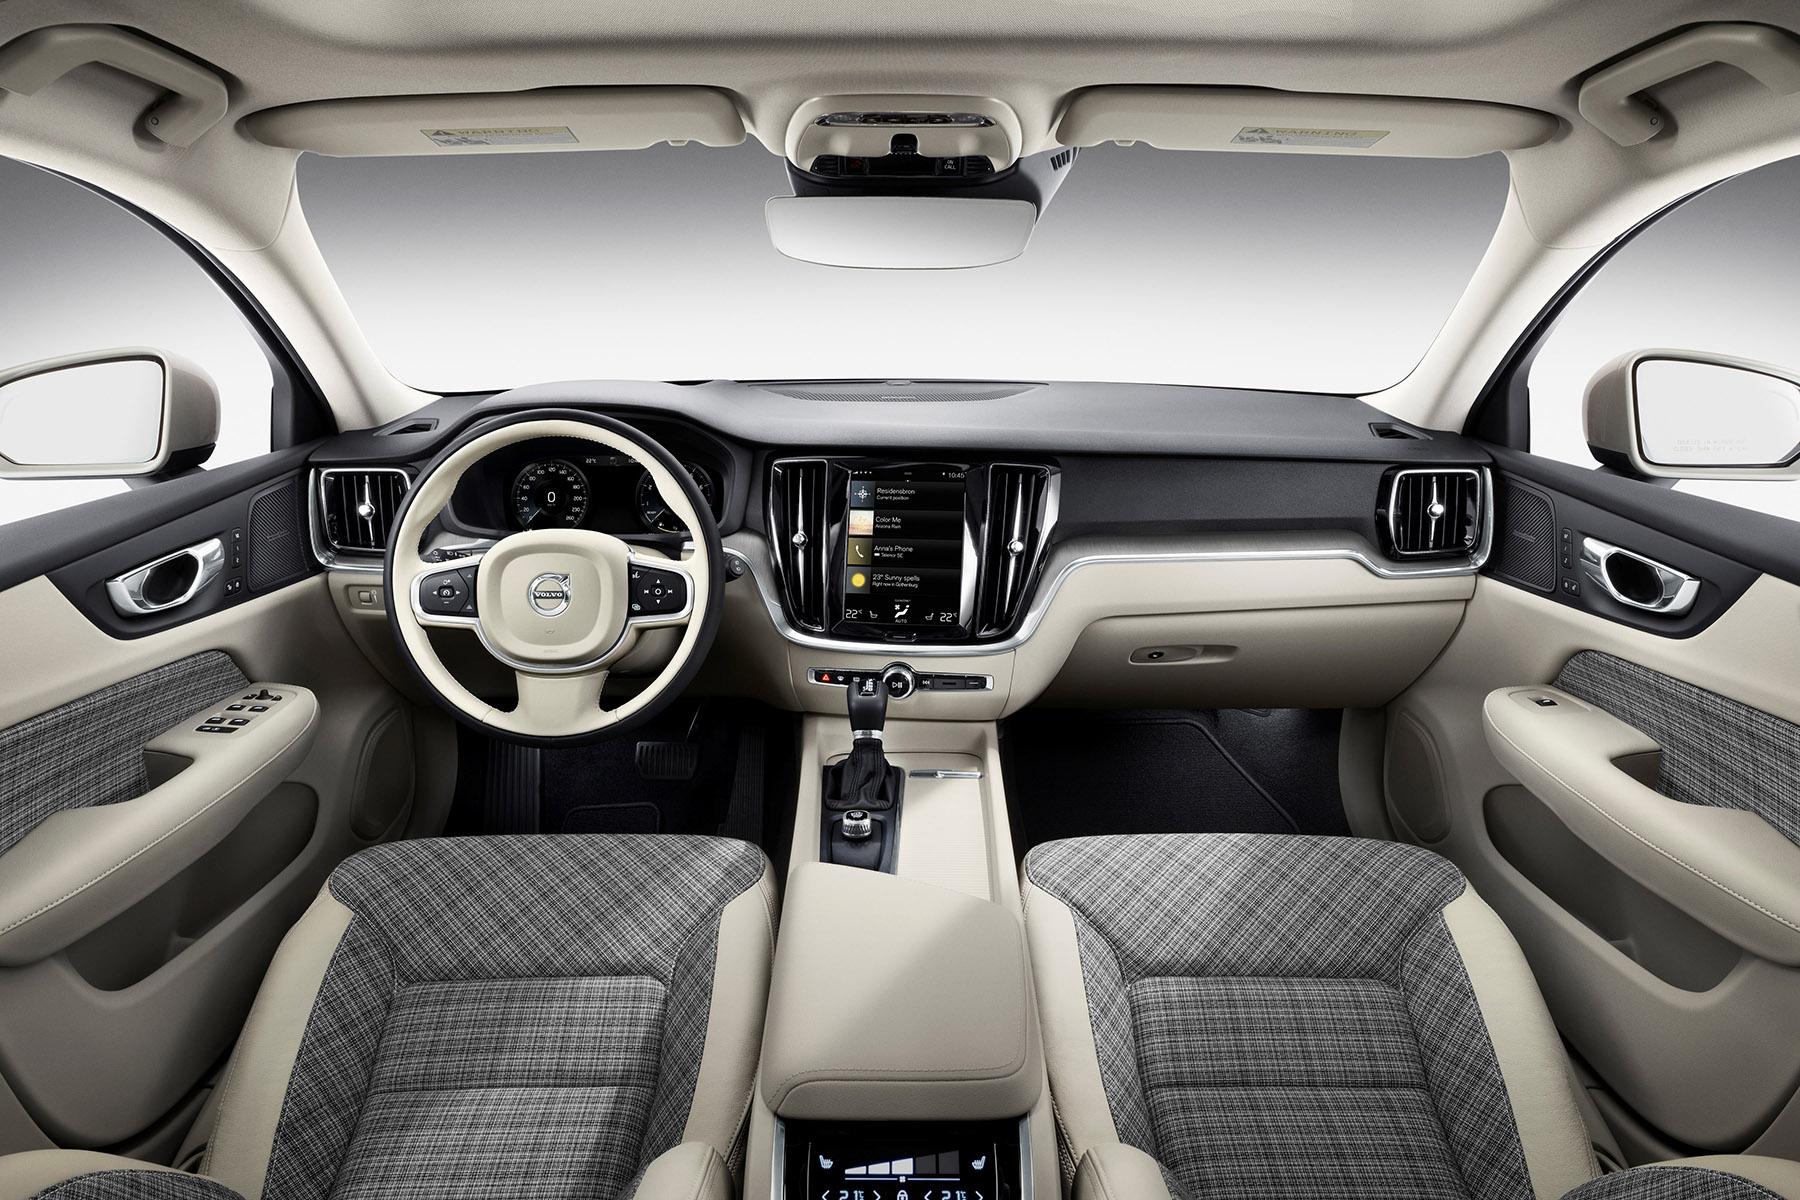 Nova Geracao Da Volvo V60 E Otima Alternativa Contra Suvs Quatro Rodas